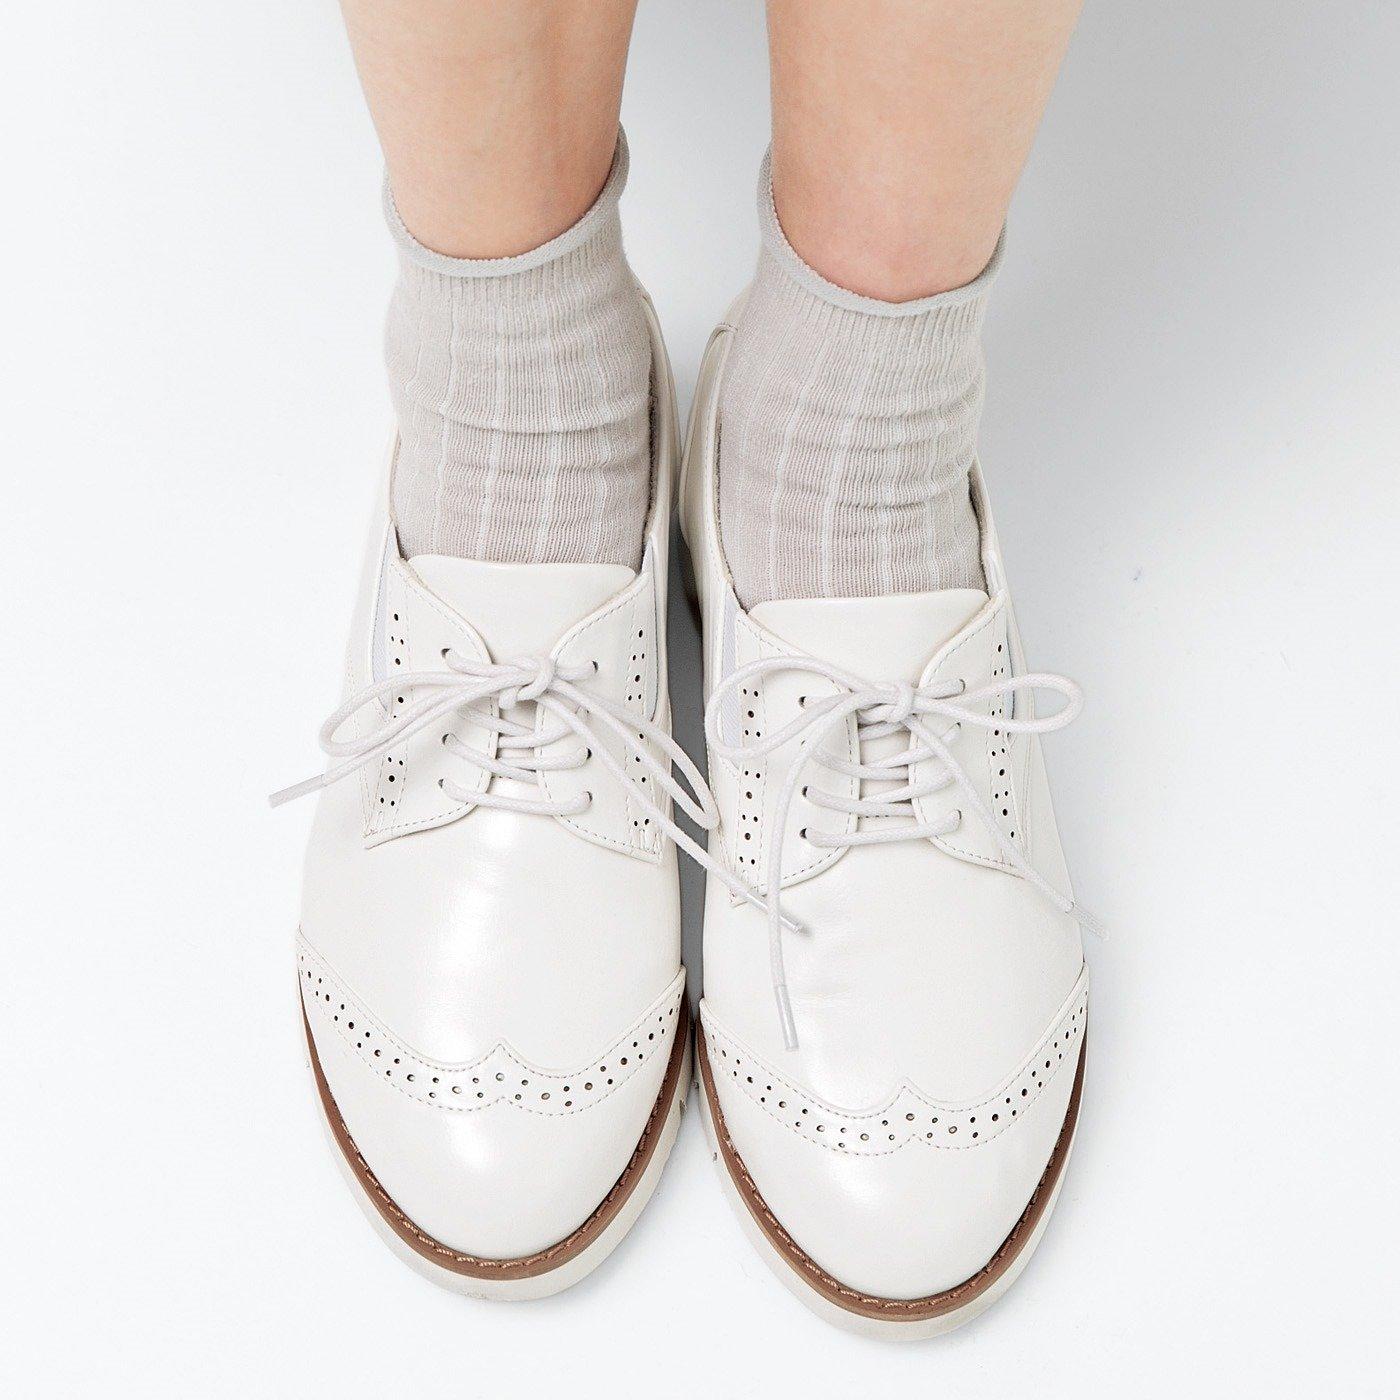 まるでスニーカー ひも結びナシ 軽心地きちんと靴の会